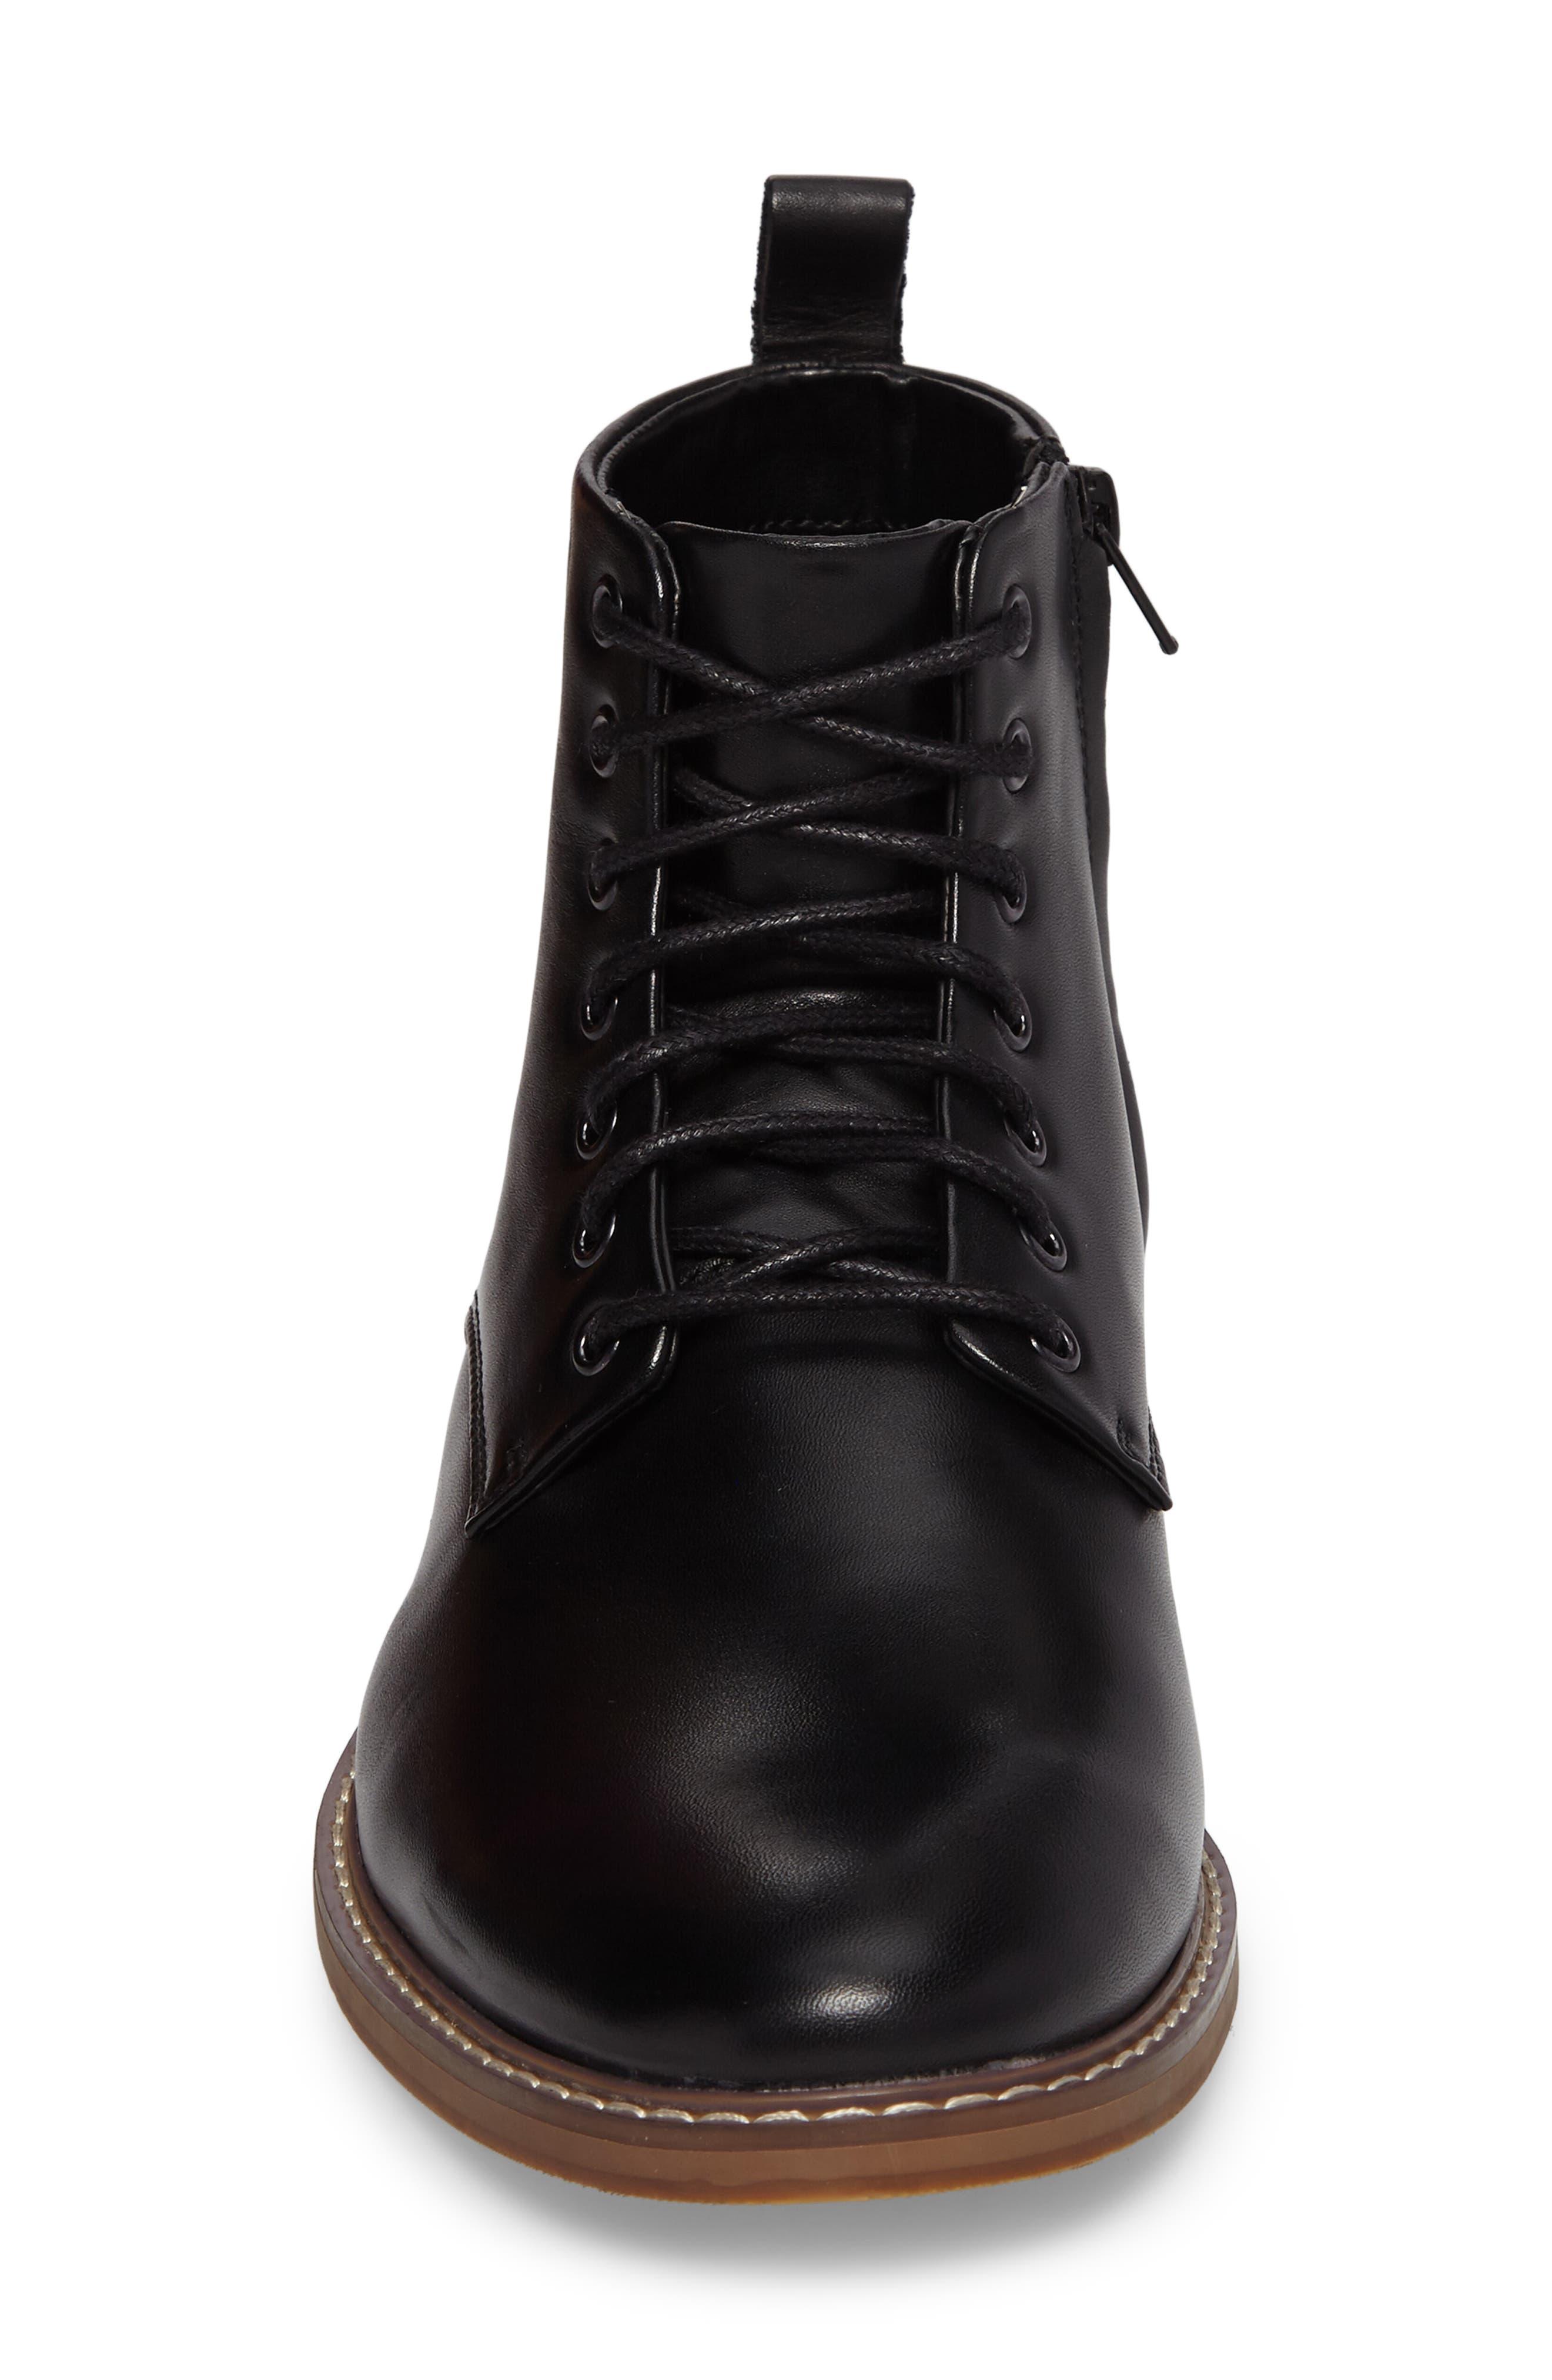 Albany Plain Toe Boot,                             Alternate thumbnail 5, color,                             Black Leather